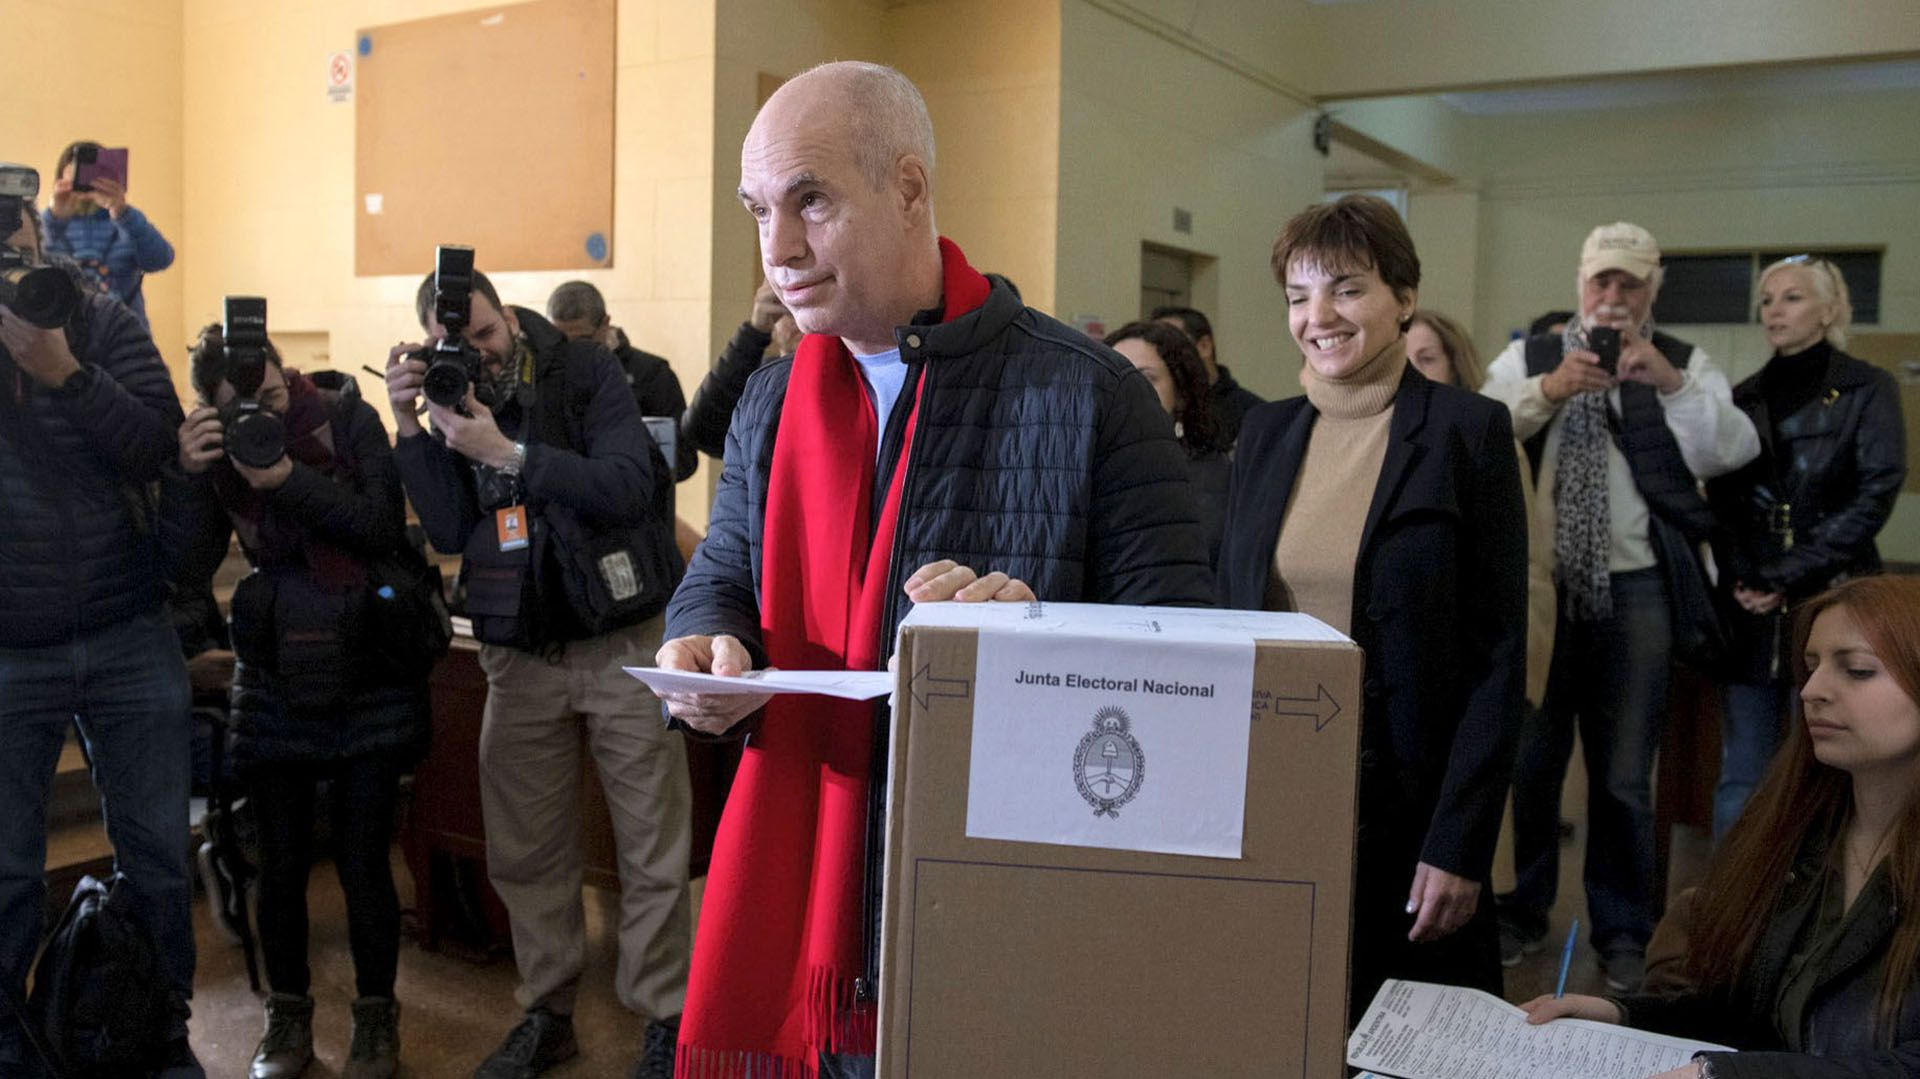 El jefe de Gobierno porteño, Horacio Rodríguez Larreta, deberá superar el 50% de los votos para evitar un balotaje (NA)